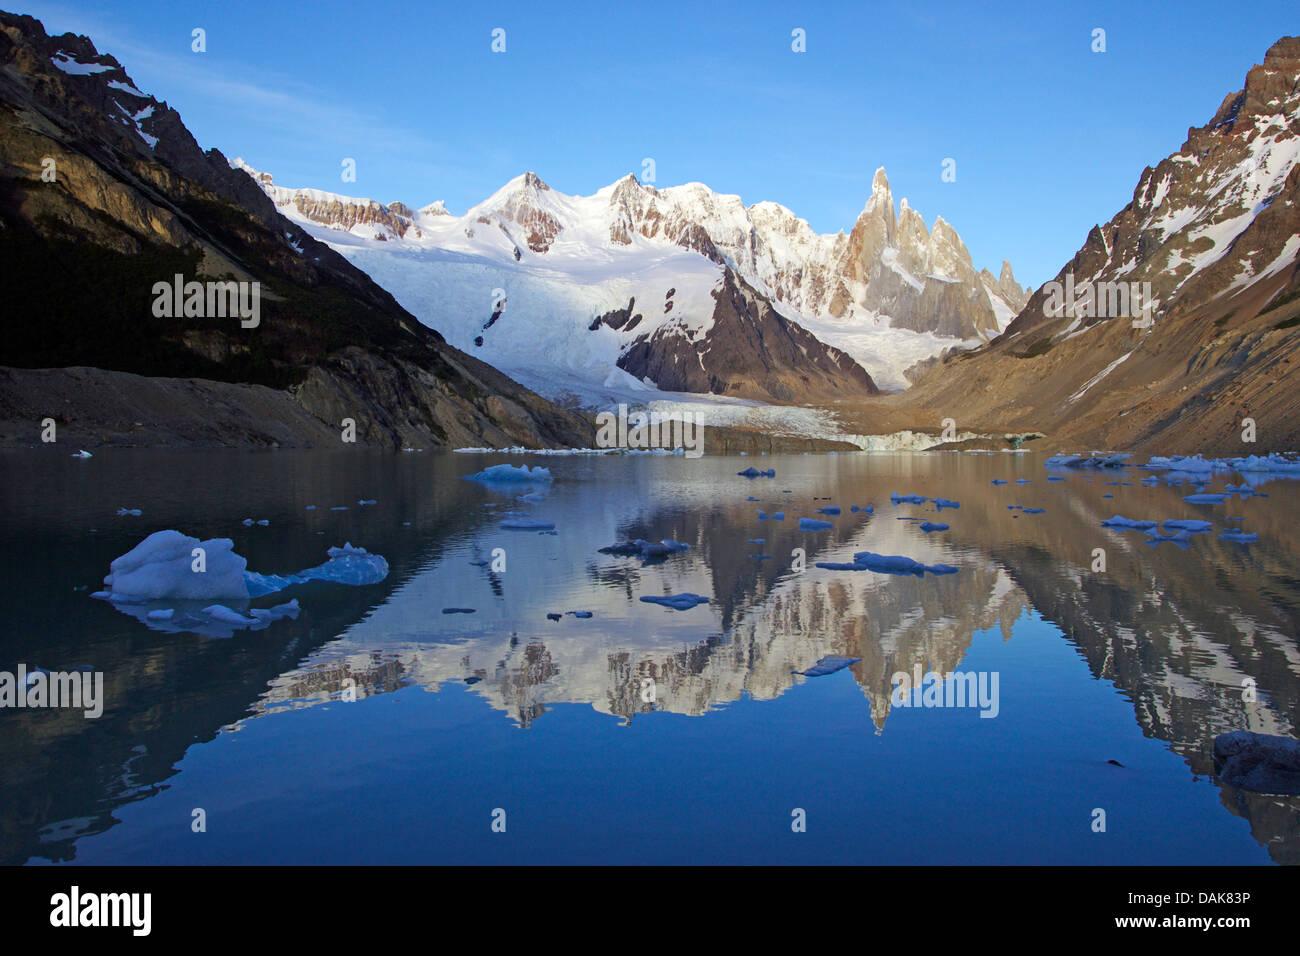 El cerro Torre en la luz de la mañana, la Laguna Torre con pequeños icebergs, también Cerro Grande, Cerro Doblado, Cerro Adela, Patagonia, Parque Nacional Los Glaciares, El Chalten Foto de stock